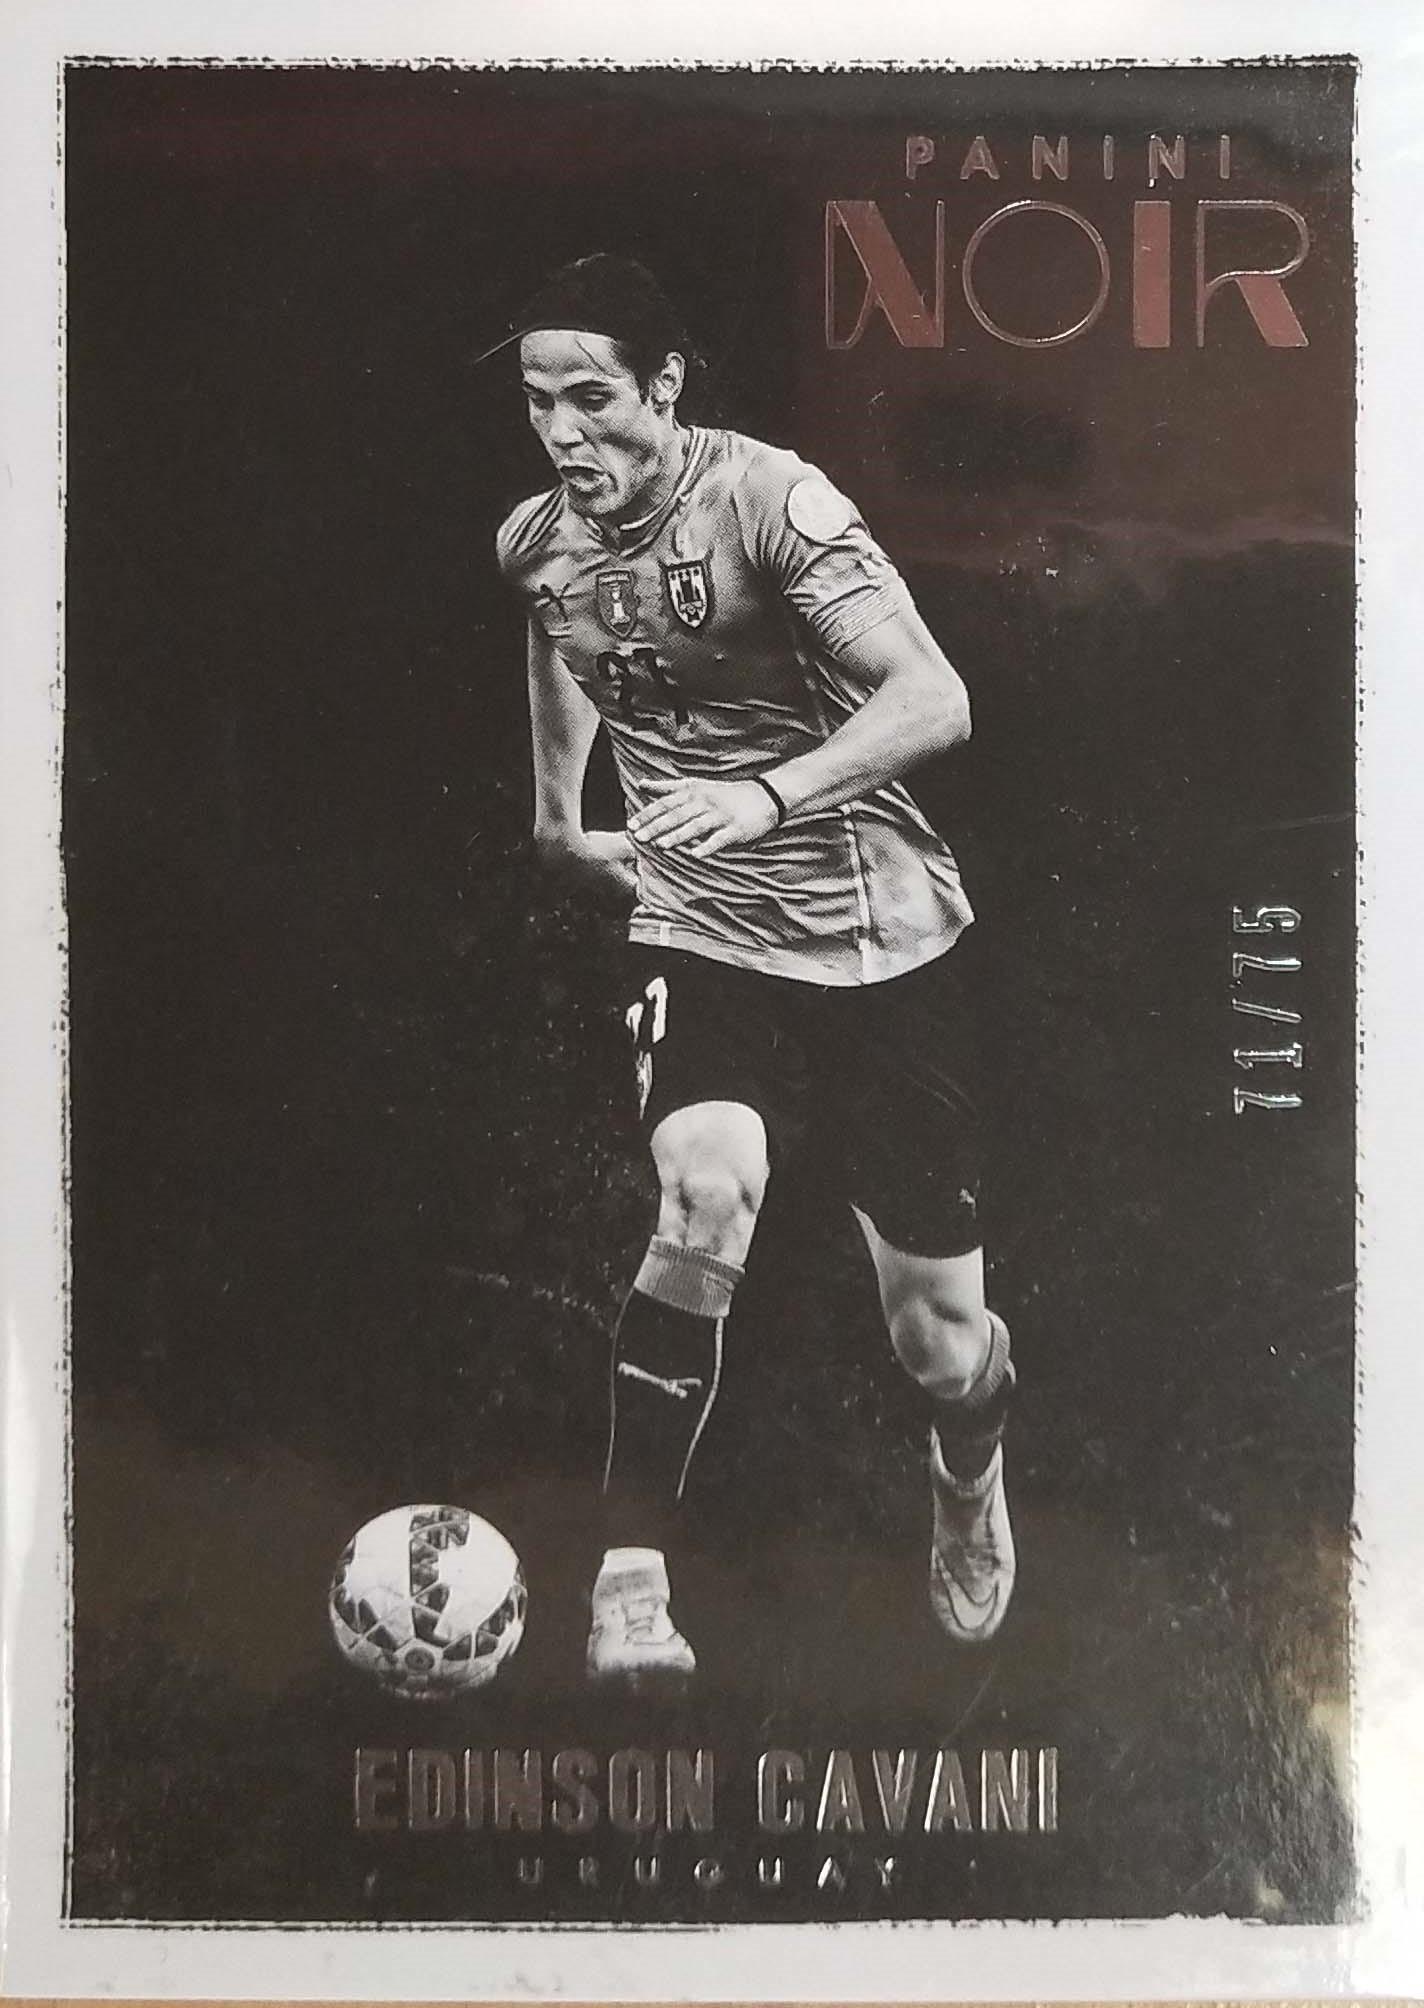 【普拉蒂尼】2016Panini帕尼尼诺尔球星卡Edinson Cavani卡瓦尼乌拉圭71/75NO.93基础卡